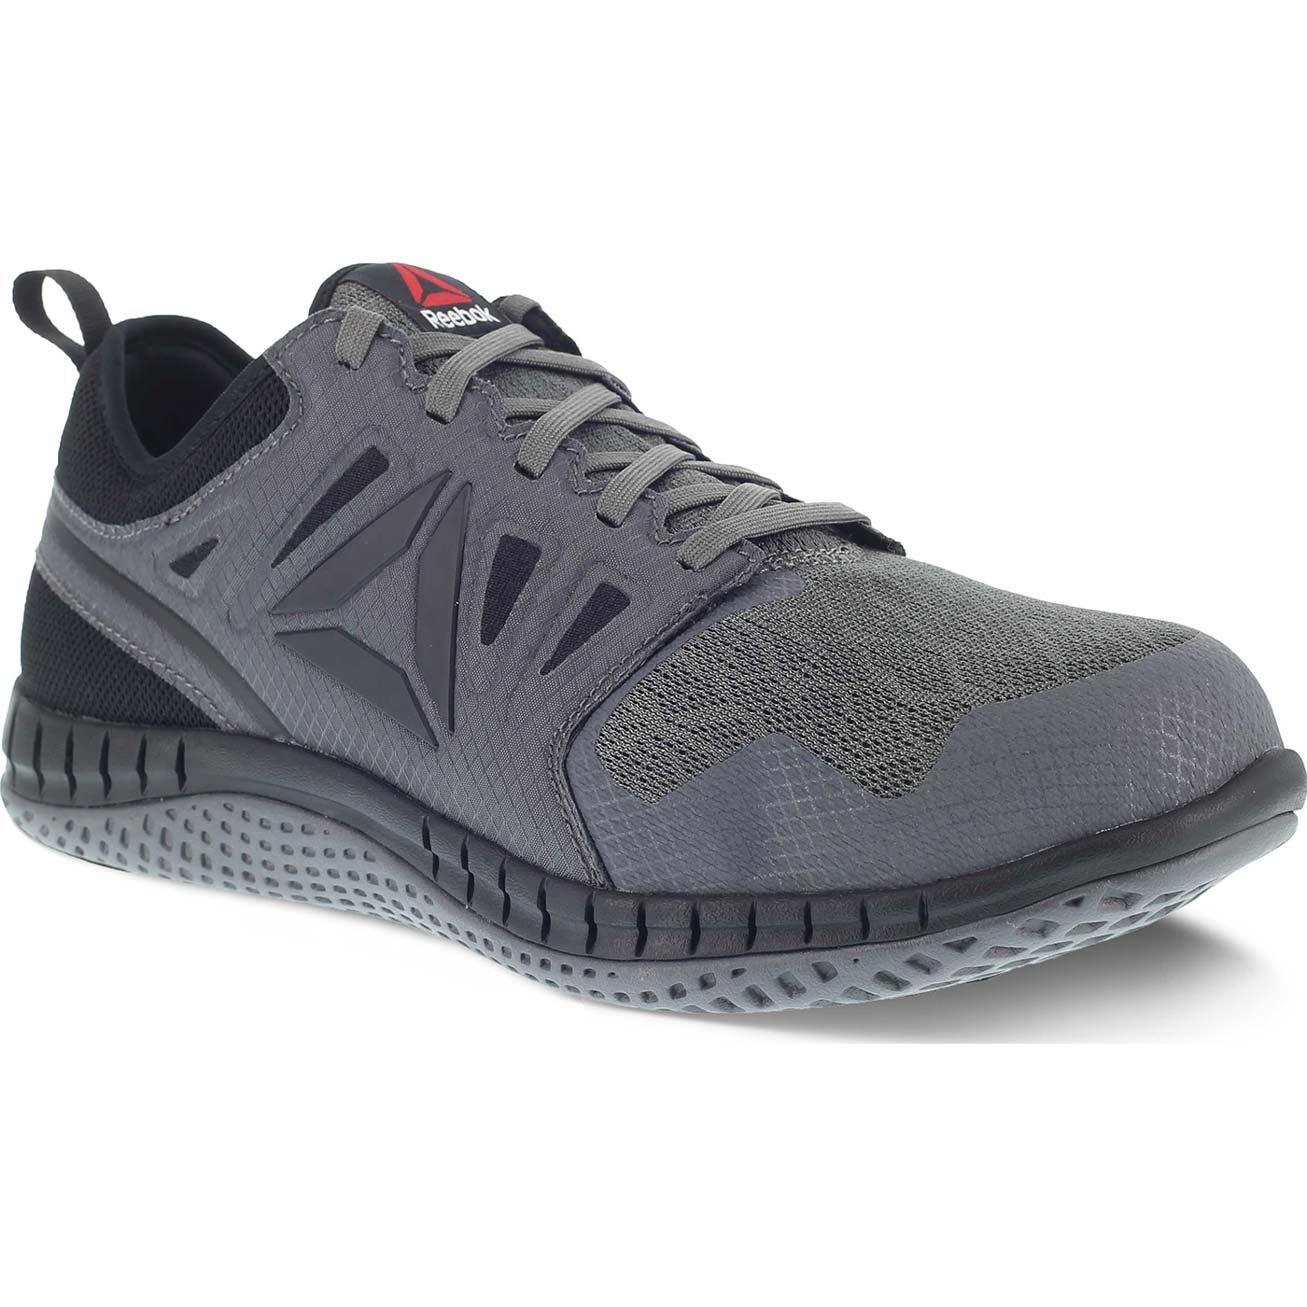 84d4f354162 Reebok ZPRINT WORK Steel Toe Work Athletic Shoe